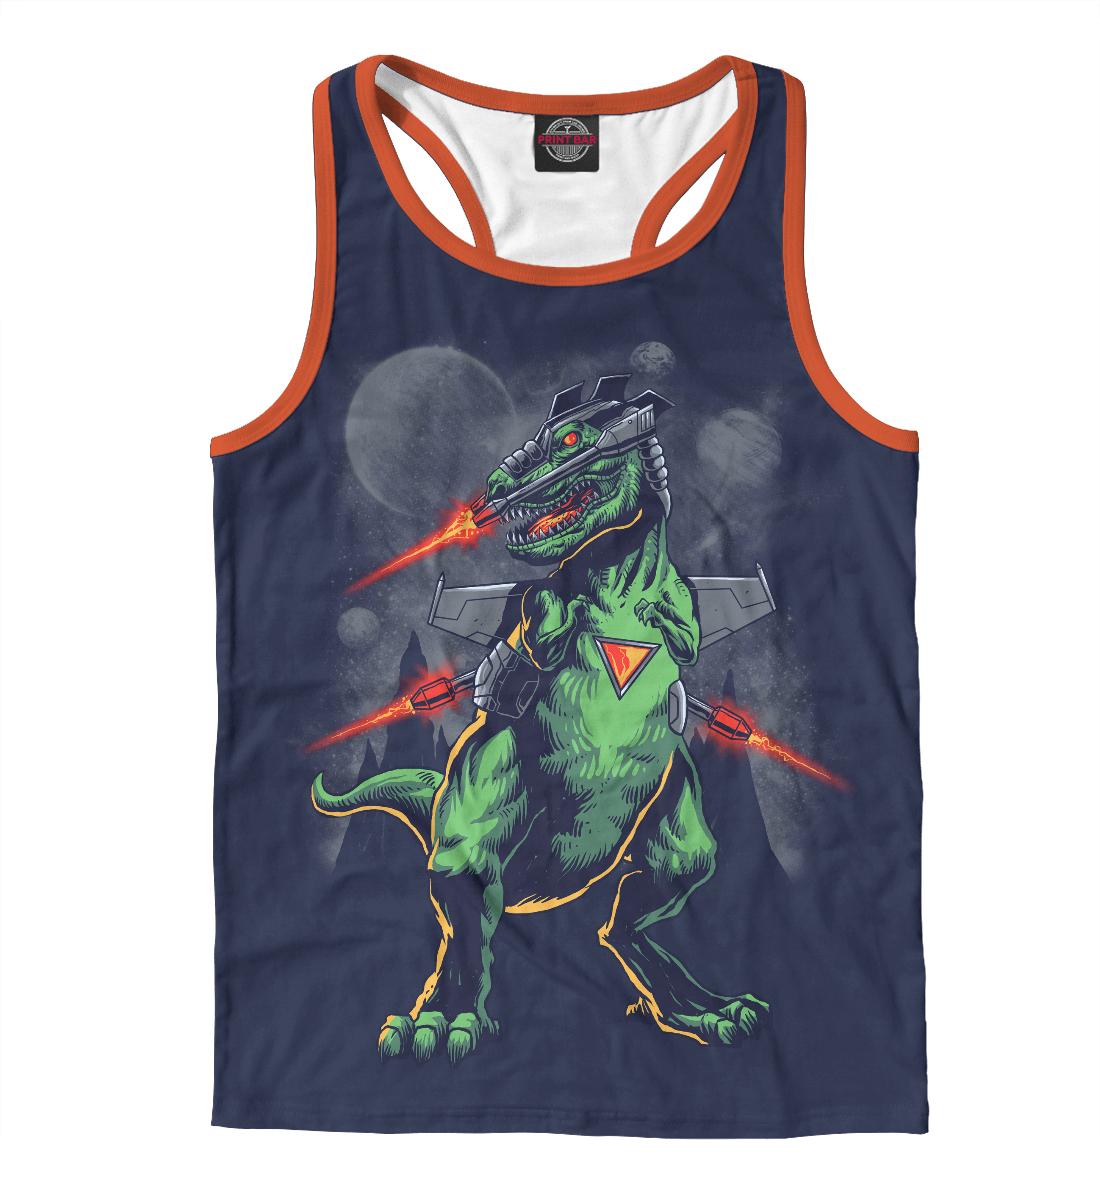 Купить Звездный динозавр, Printbar, Майки борцовки, HIP-922016-mayb-2